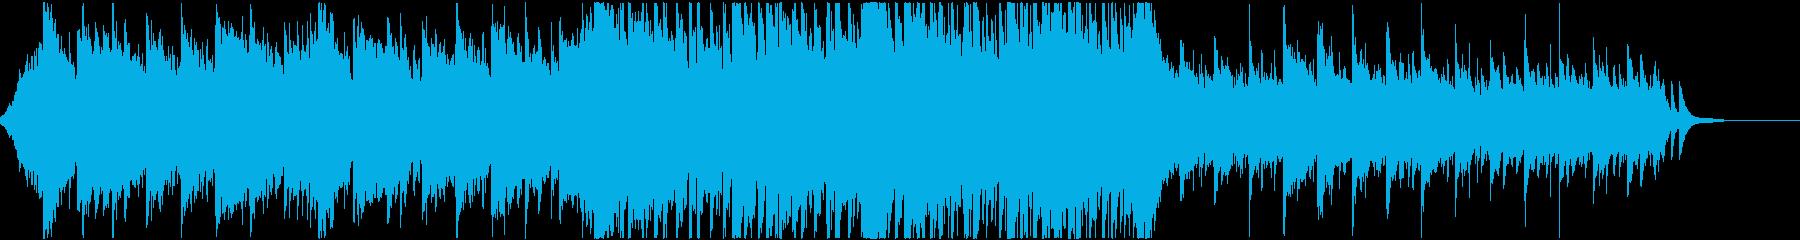 感動系 壮大なエピックオーケストラ②の再生済みの波形